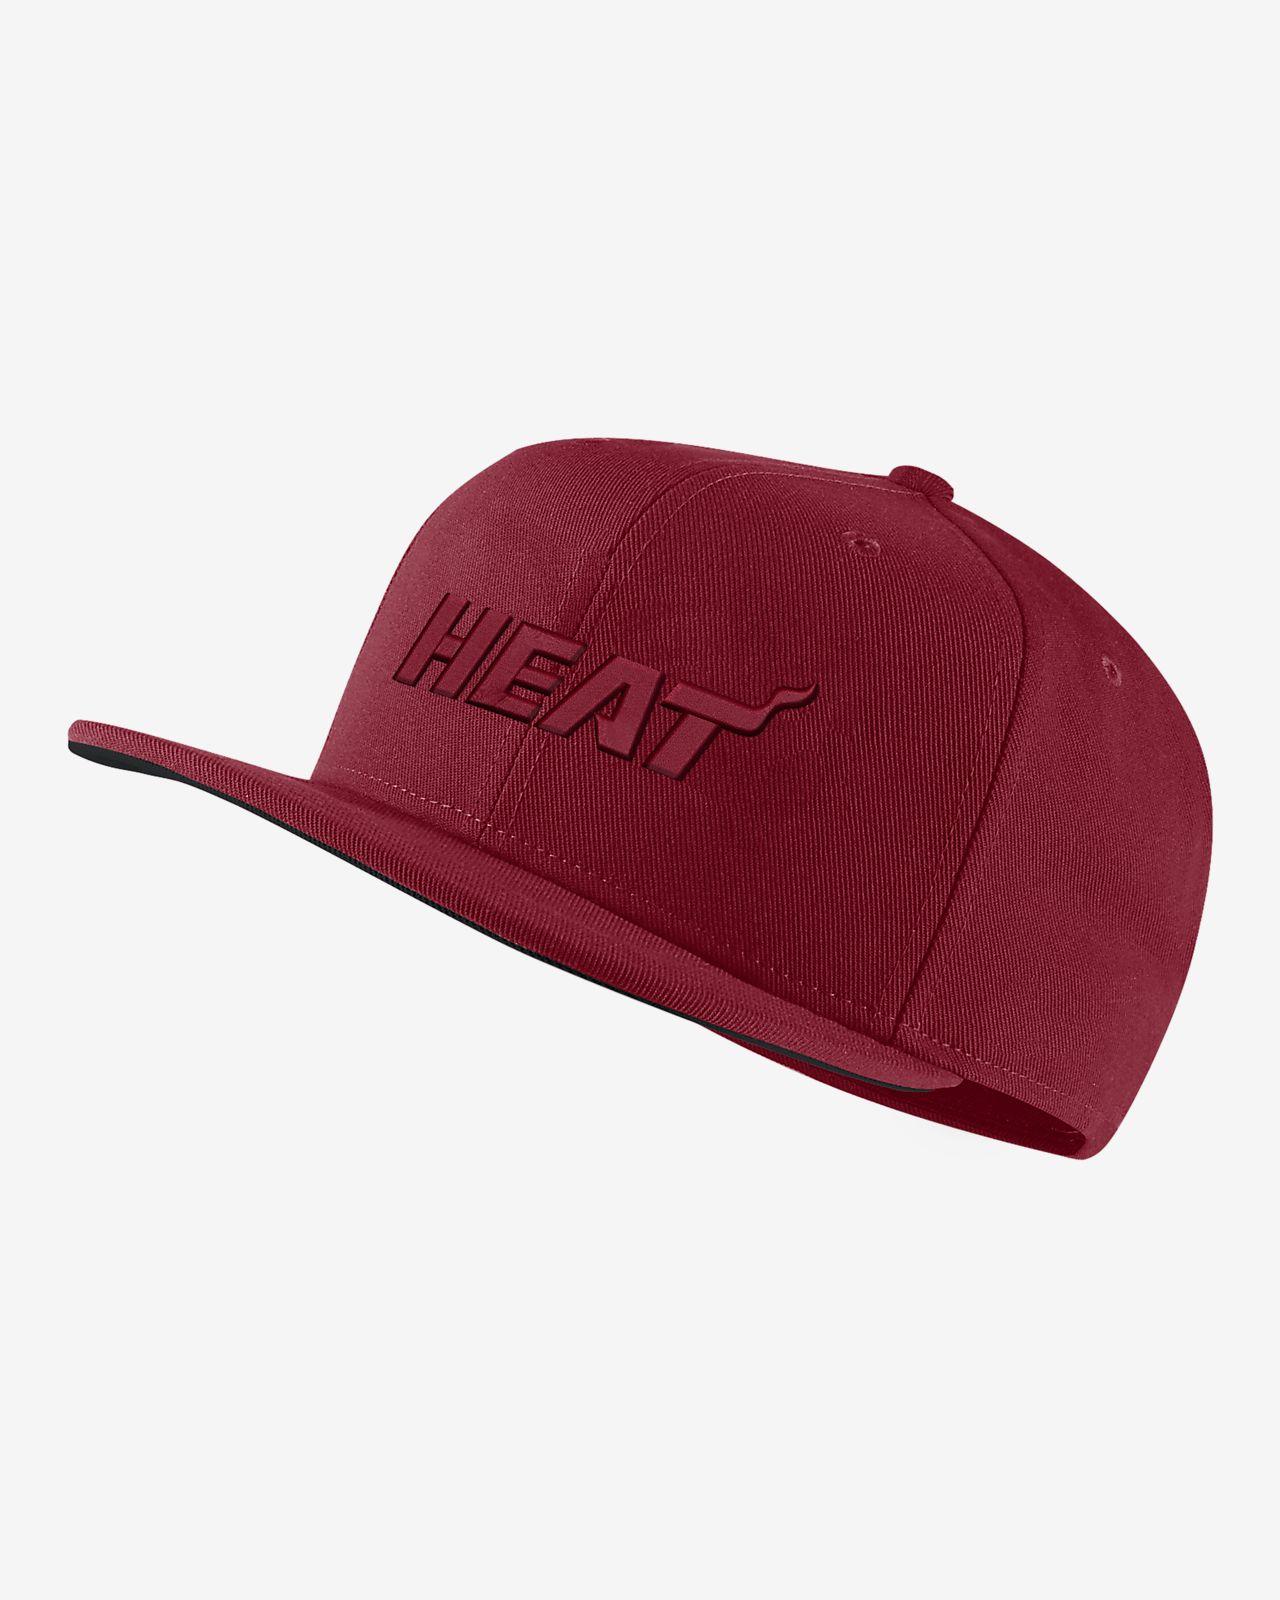 Miami Heat Nike AeroBill NBA Hat